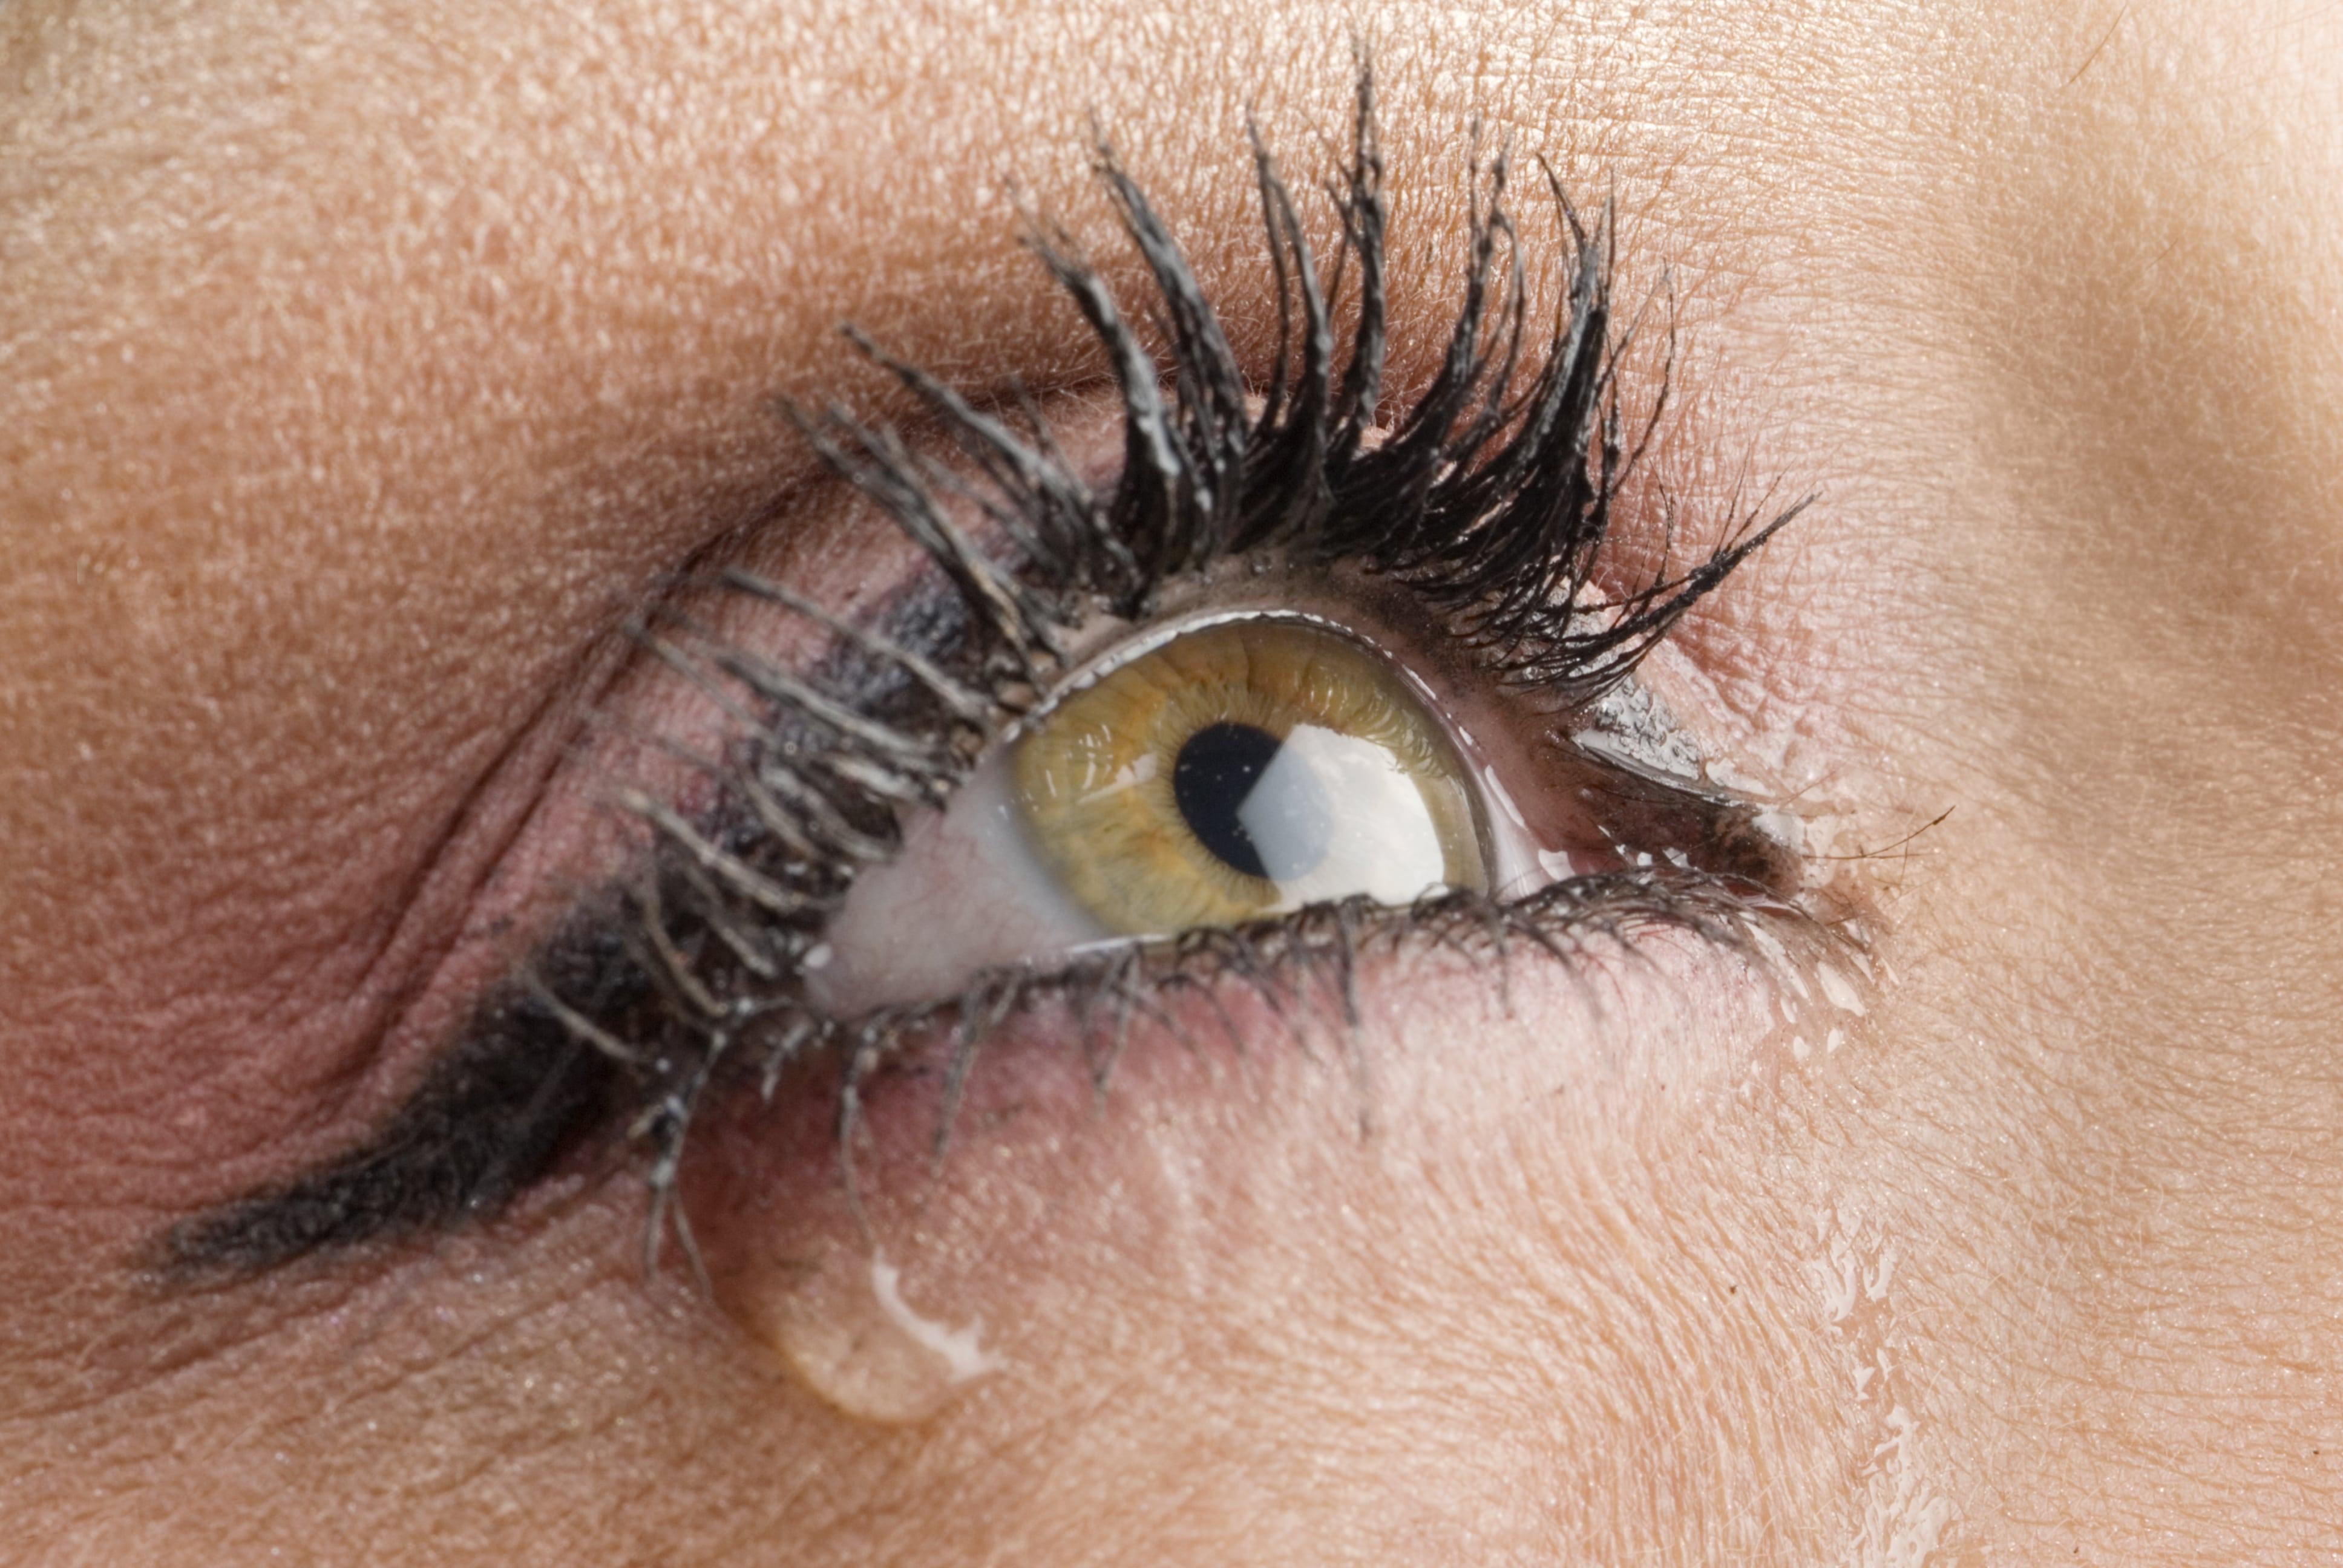 Hazel eye with a single teardrop